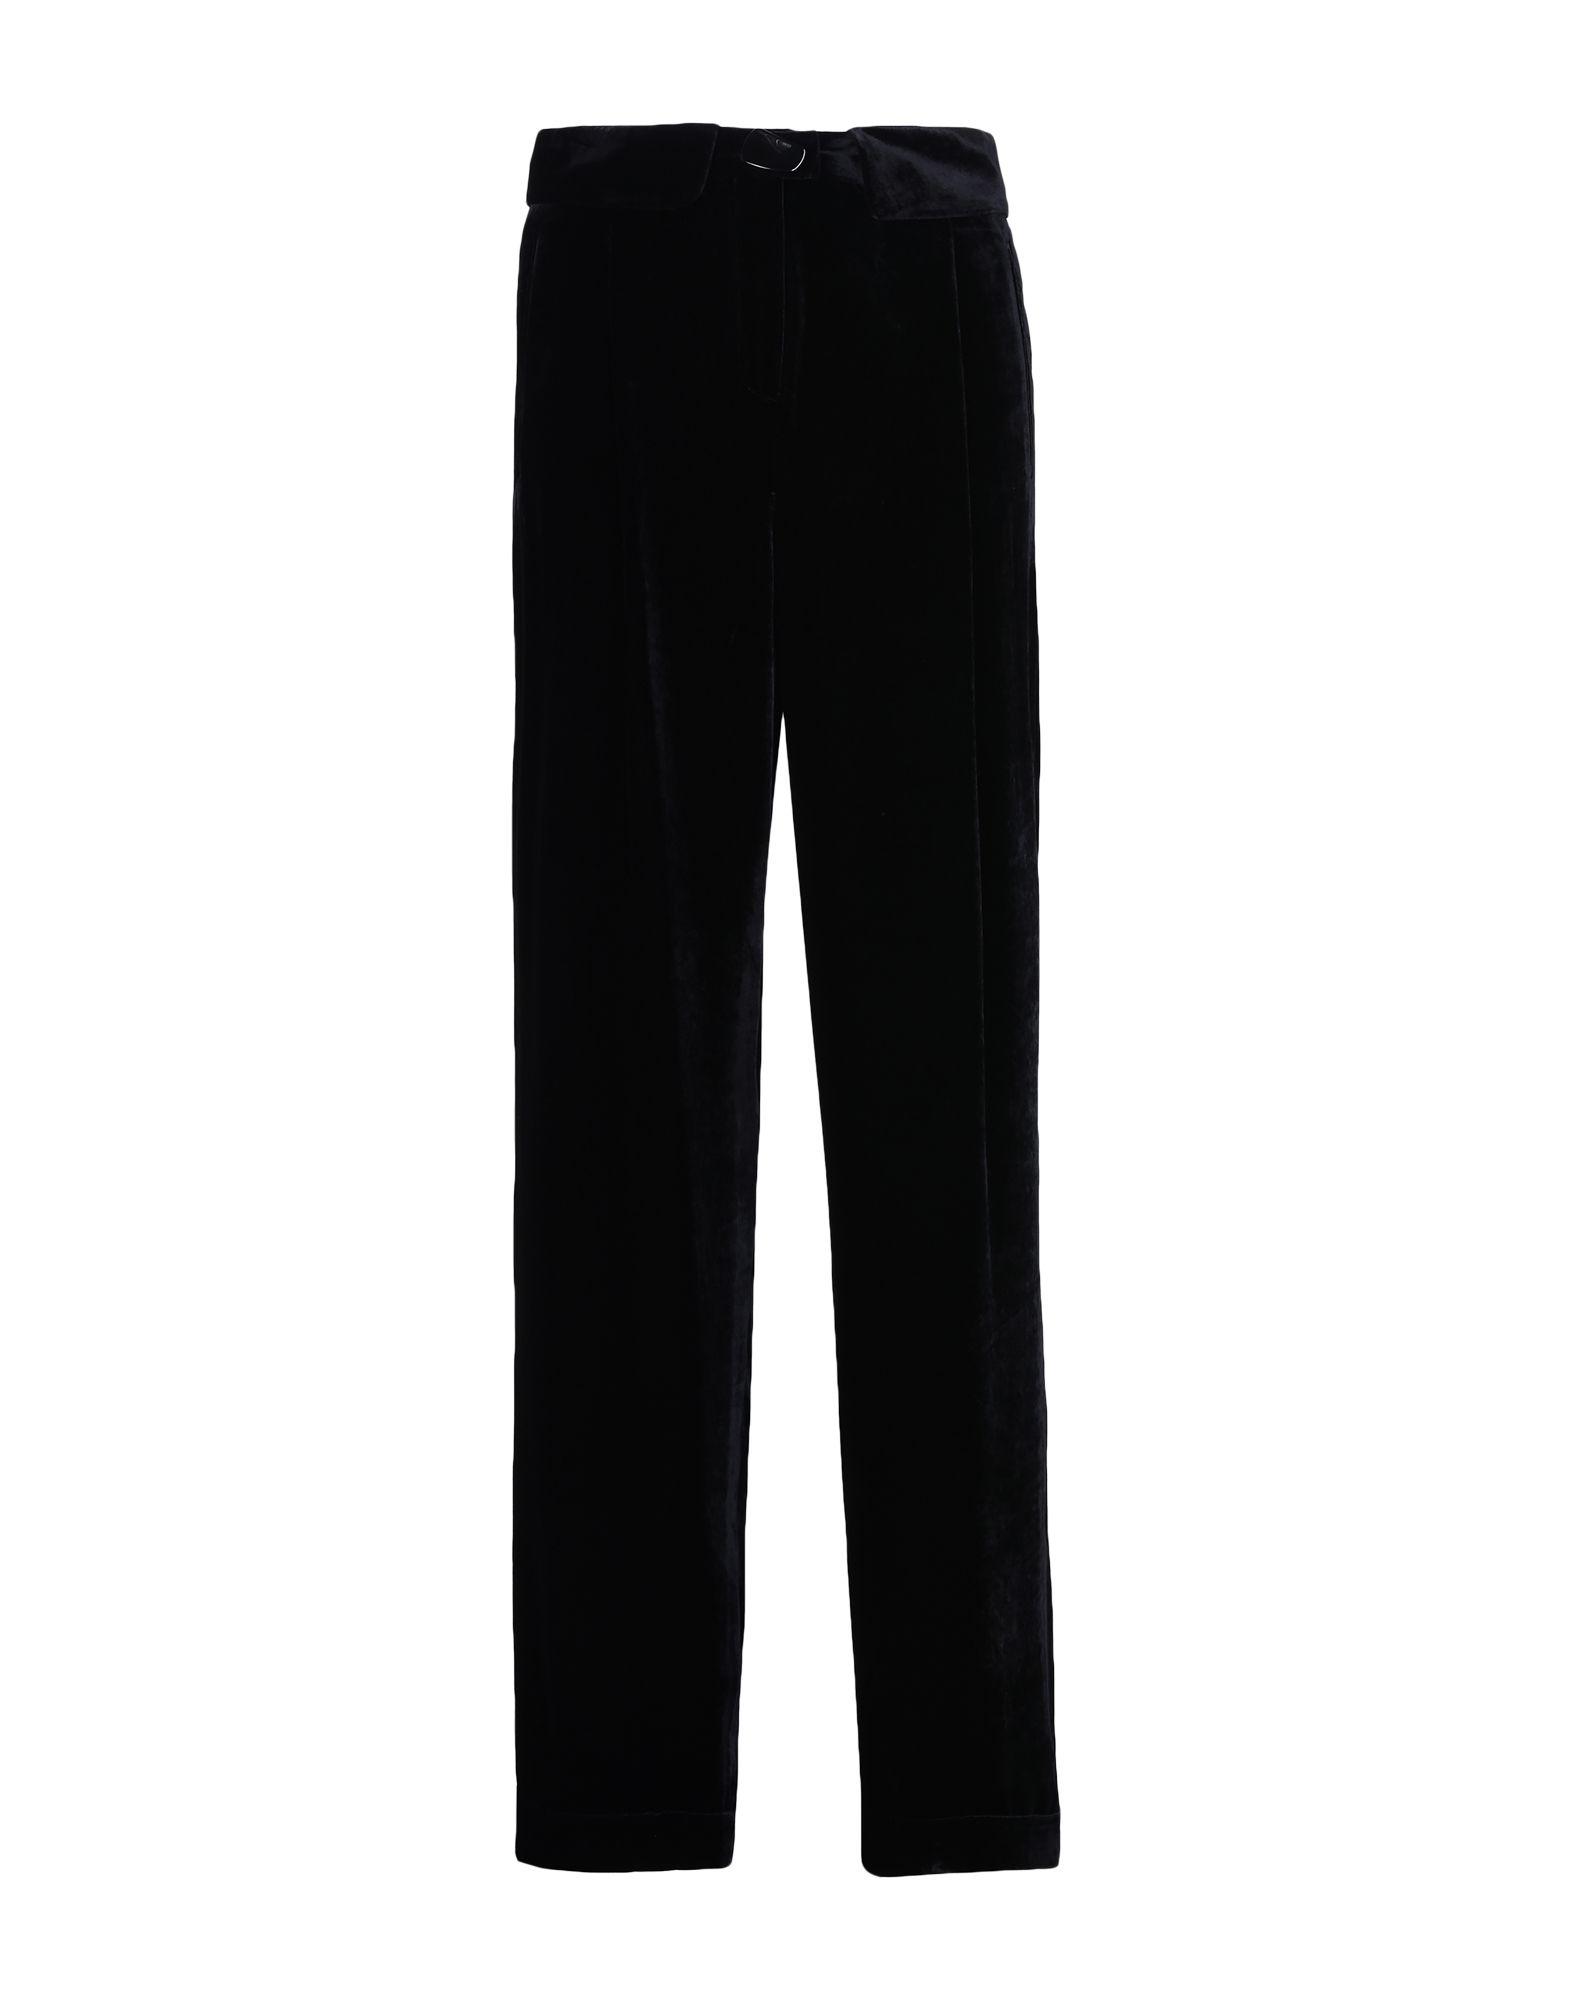 что черные штаны картинки гумилева восхваляют сильного